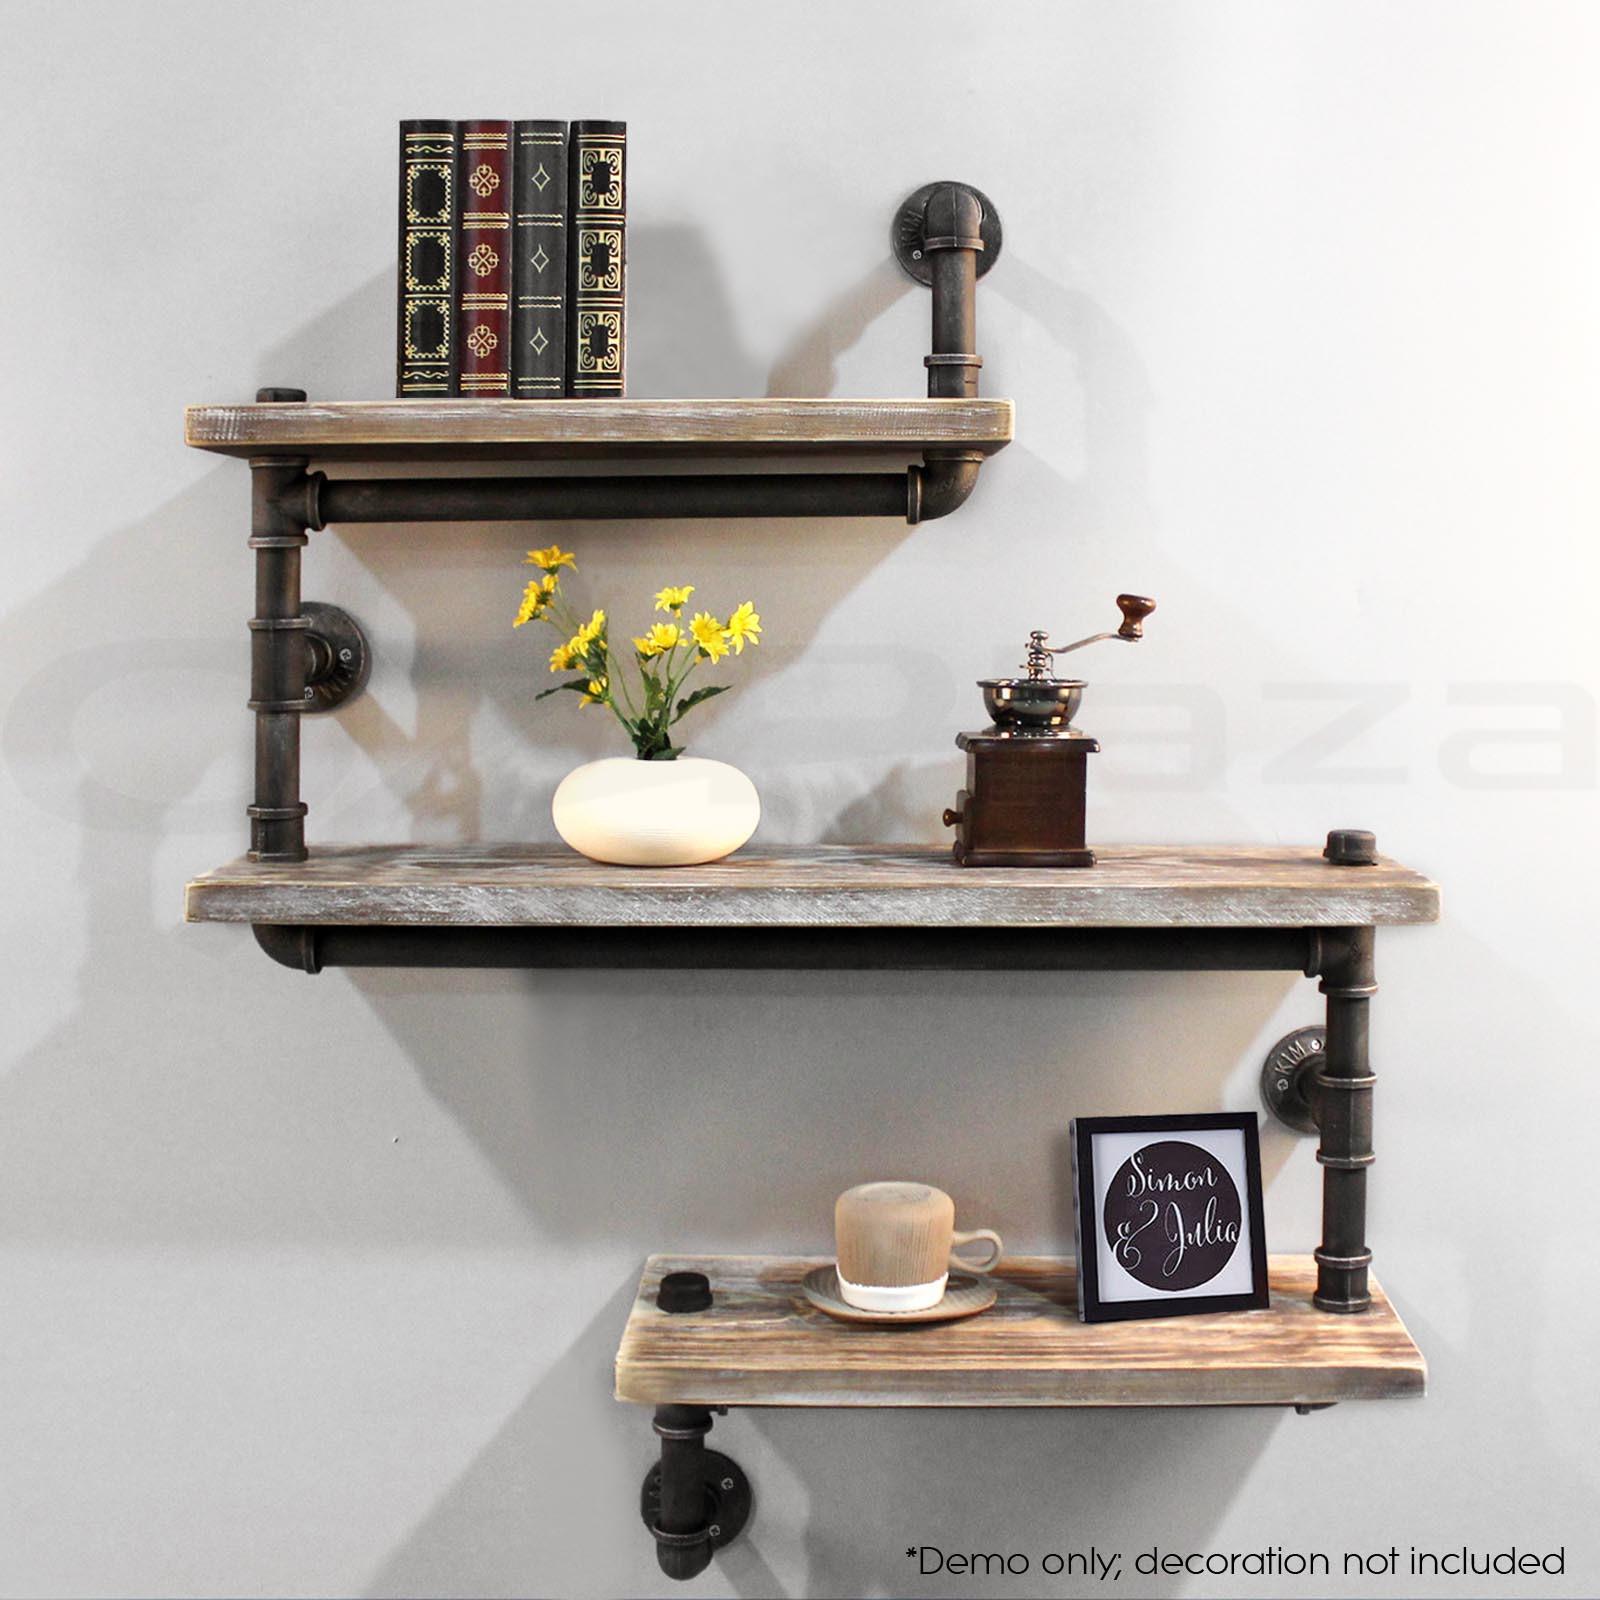 DIY Pipe And Wood Shelves  Rustic Industrial DIY Pipe Shelf Storage Vintage Wooden